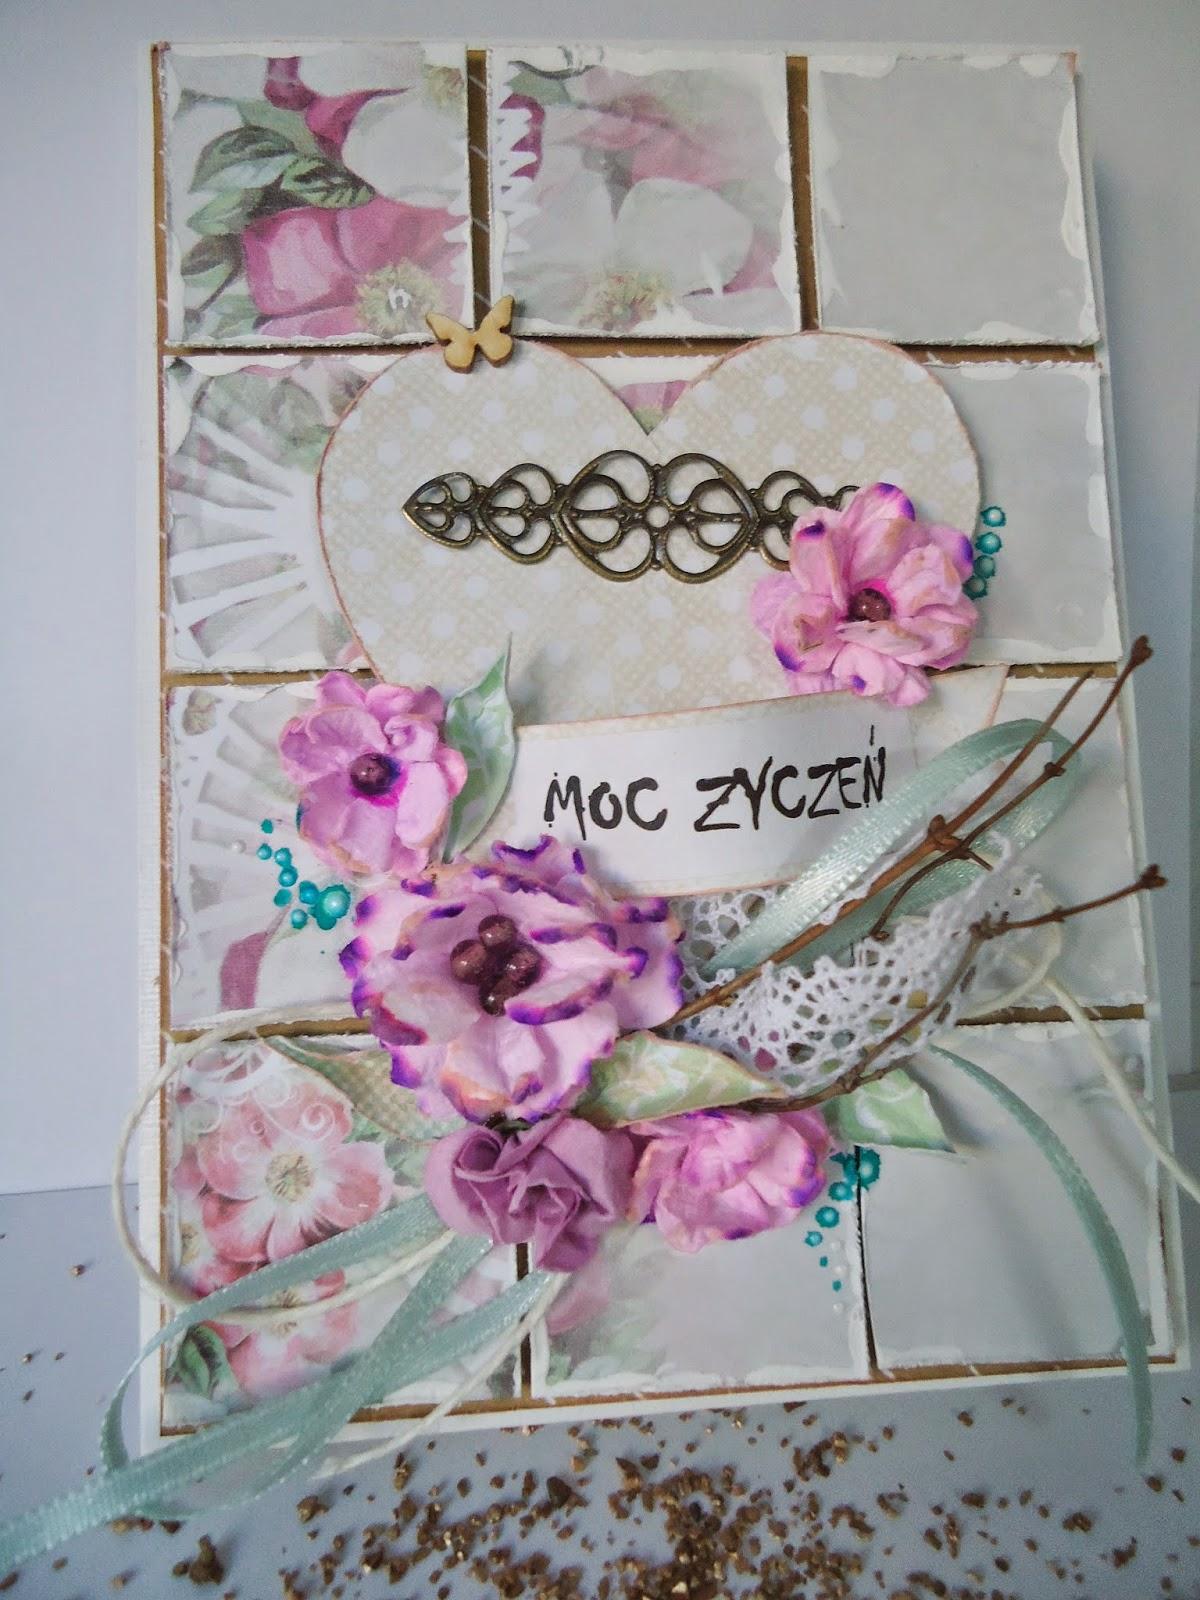 kartaka hand made z metalowym dodatkiem